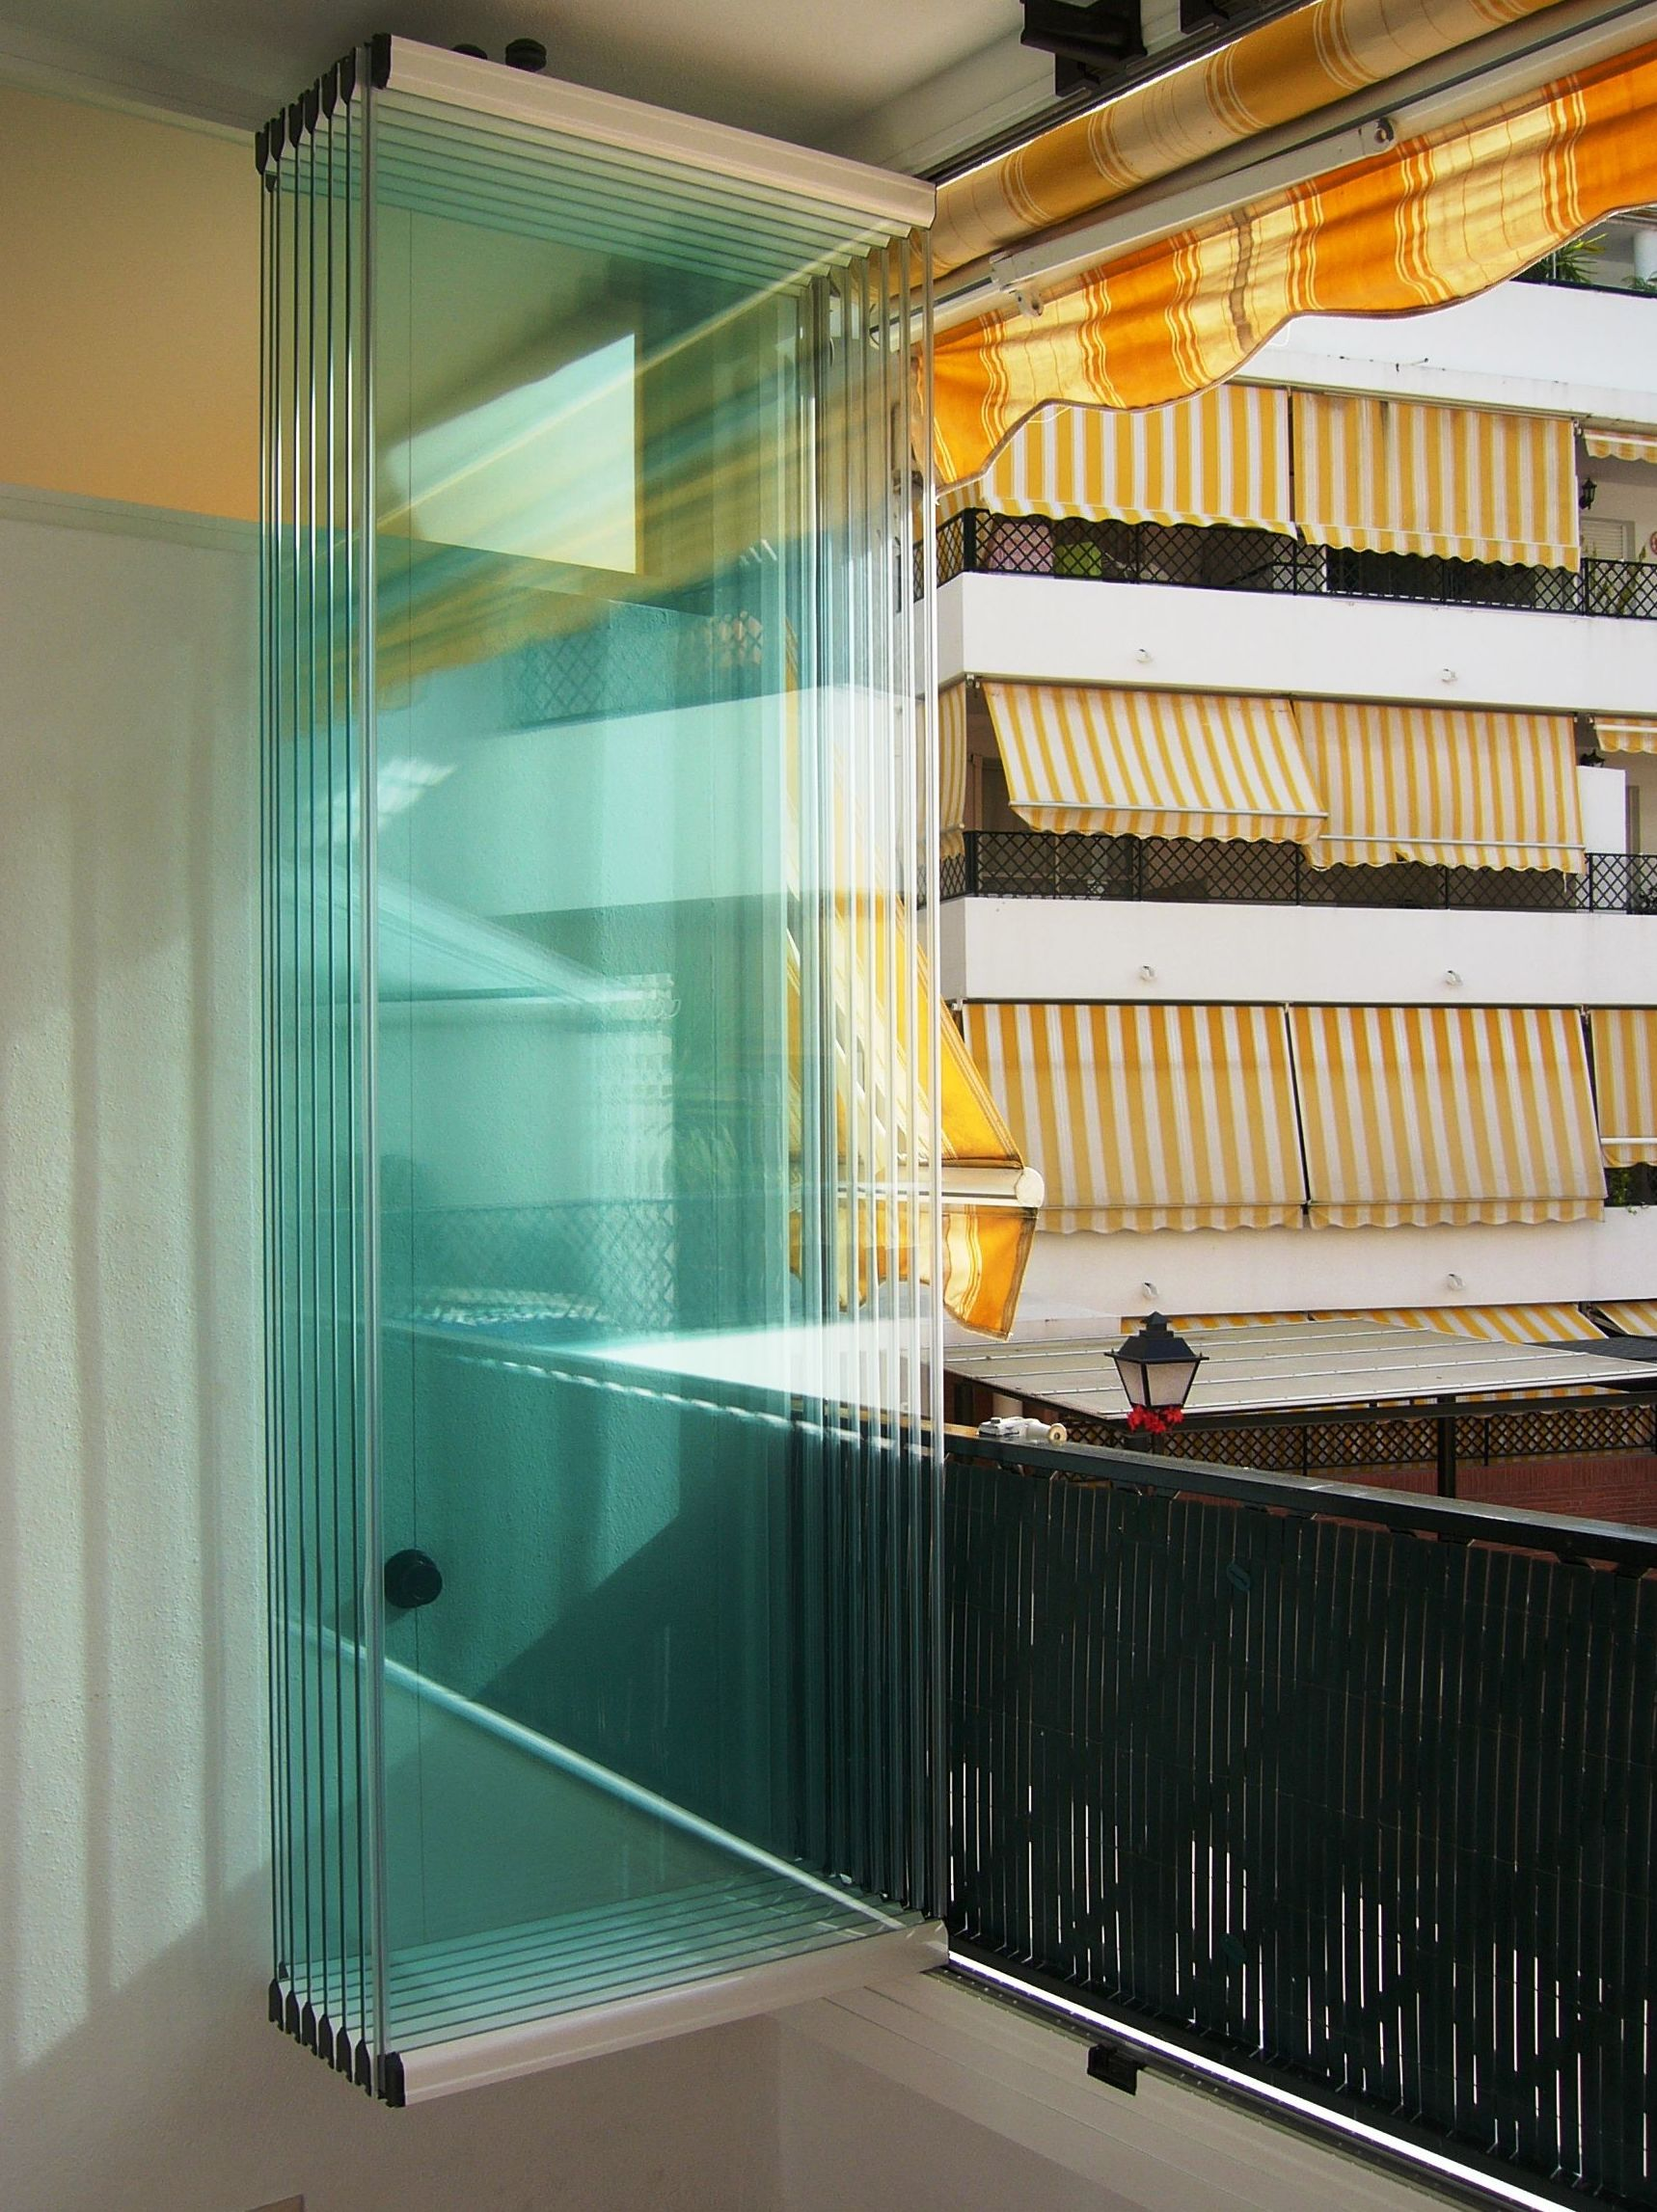 Cortina de cristal de peso abajo: Productos de Cortinas de Cristal Málaga